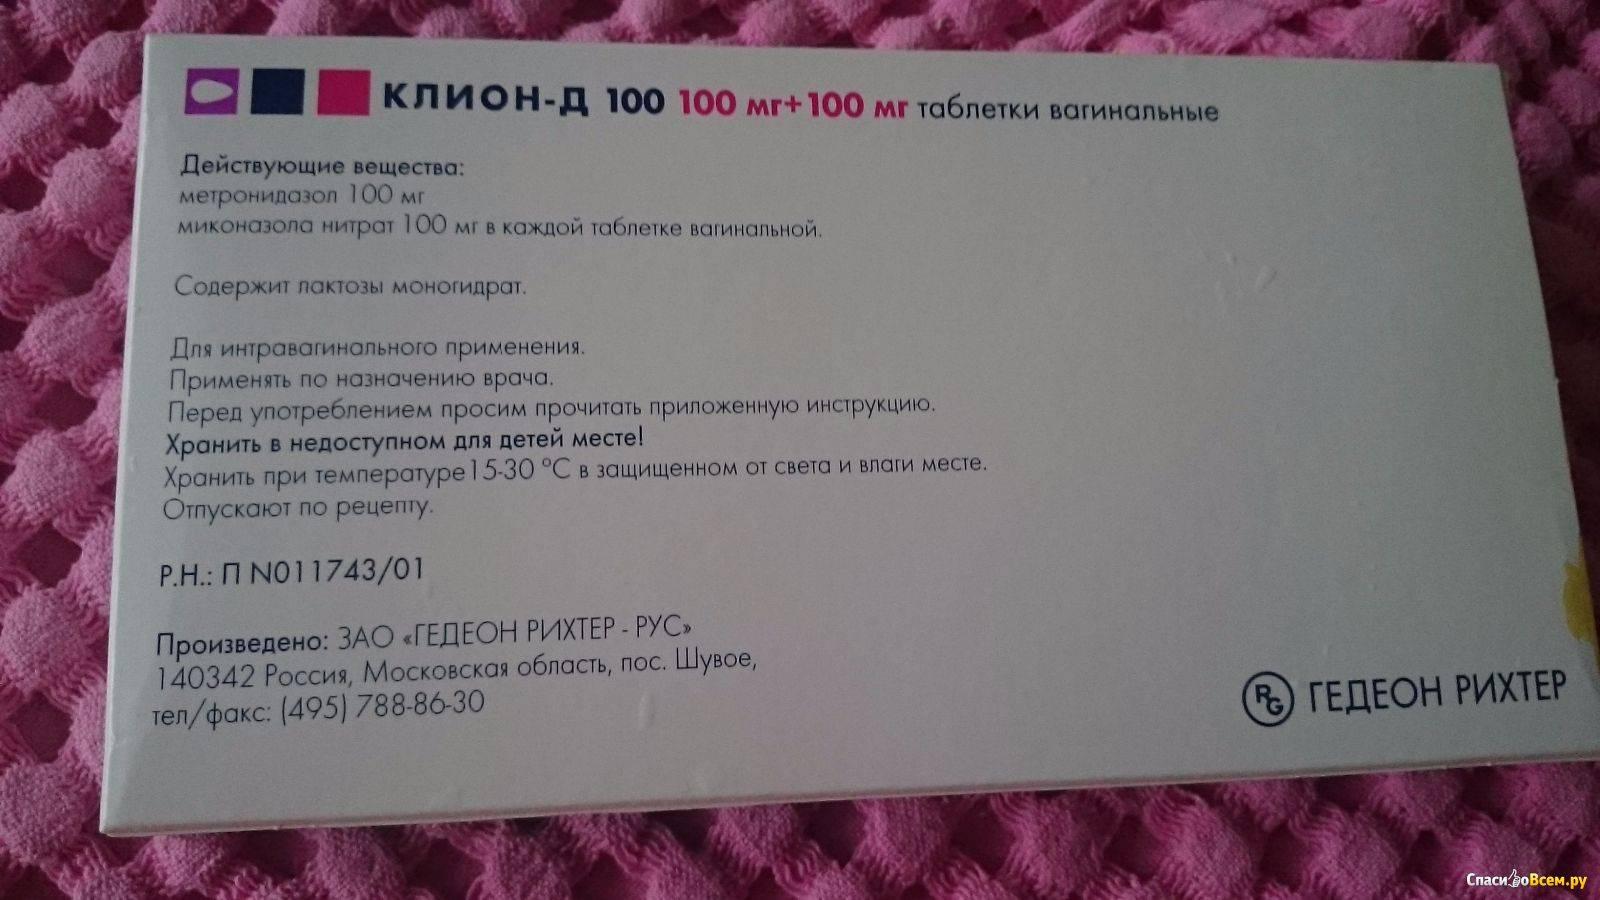 Подробное описание свечей клион-д и их применение в гинекологии